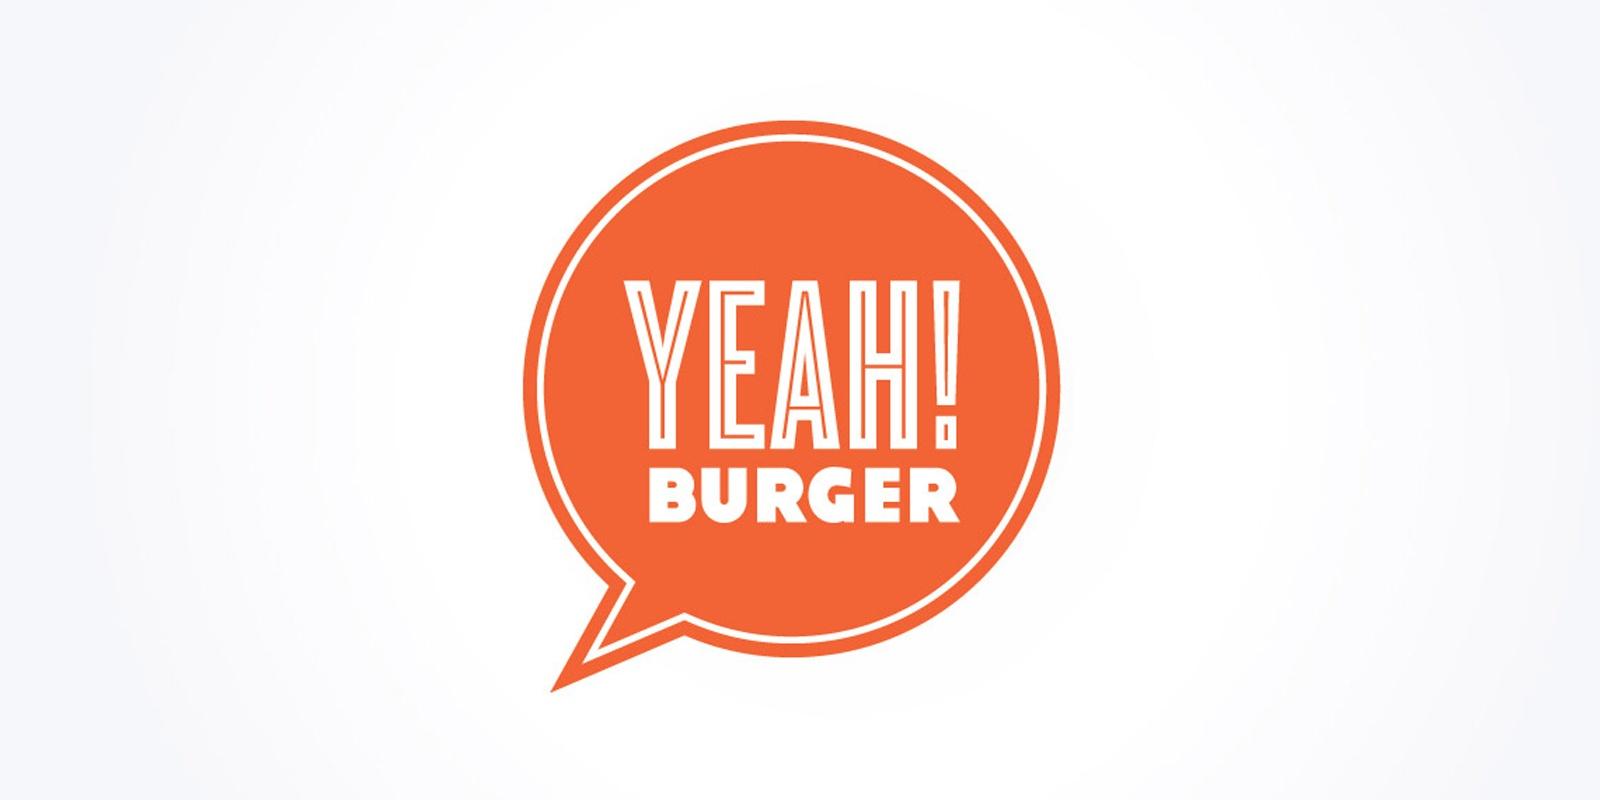 yeah-burger-logo.jpg